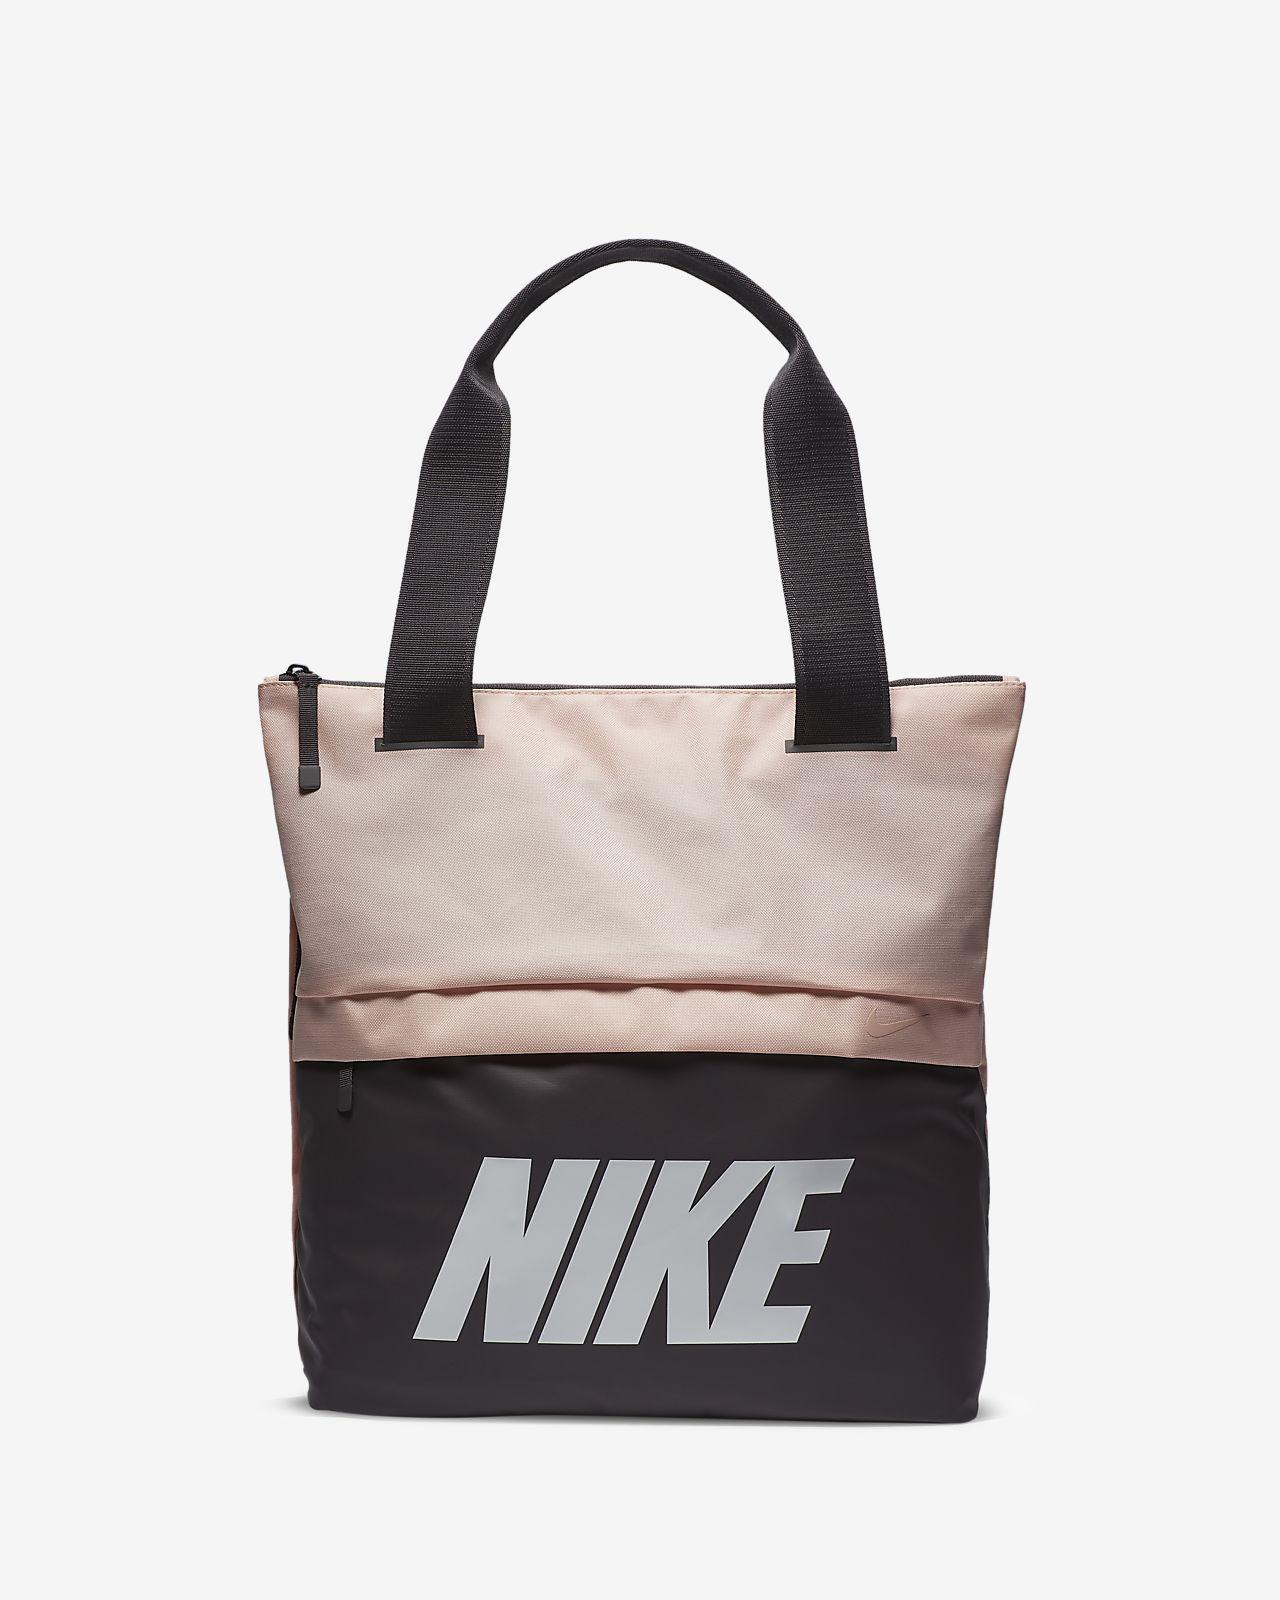 Nike Grafica Training It Da Borsa Radiate Con Tote Donna 4wqPnWH6